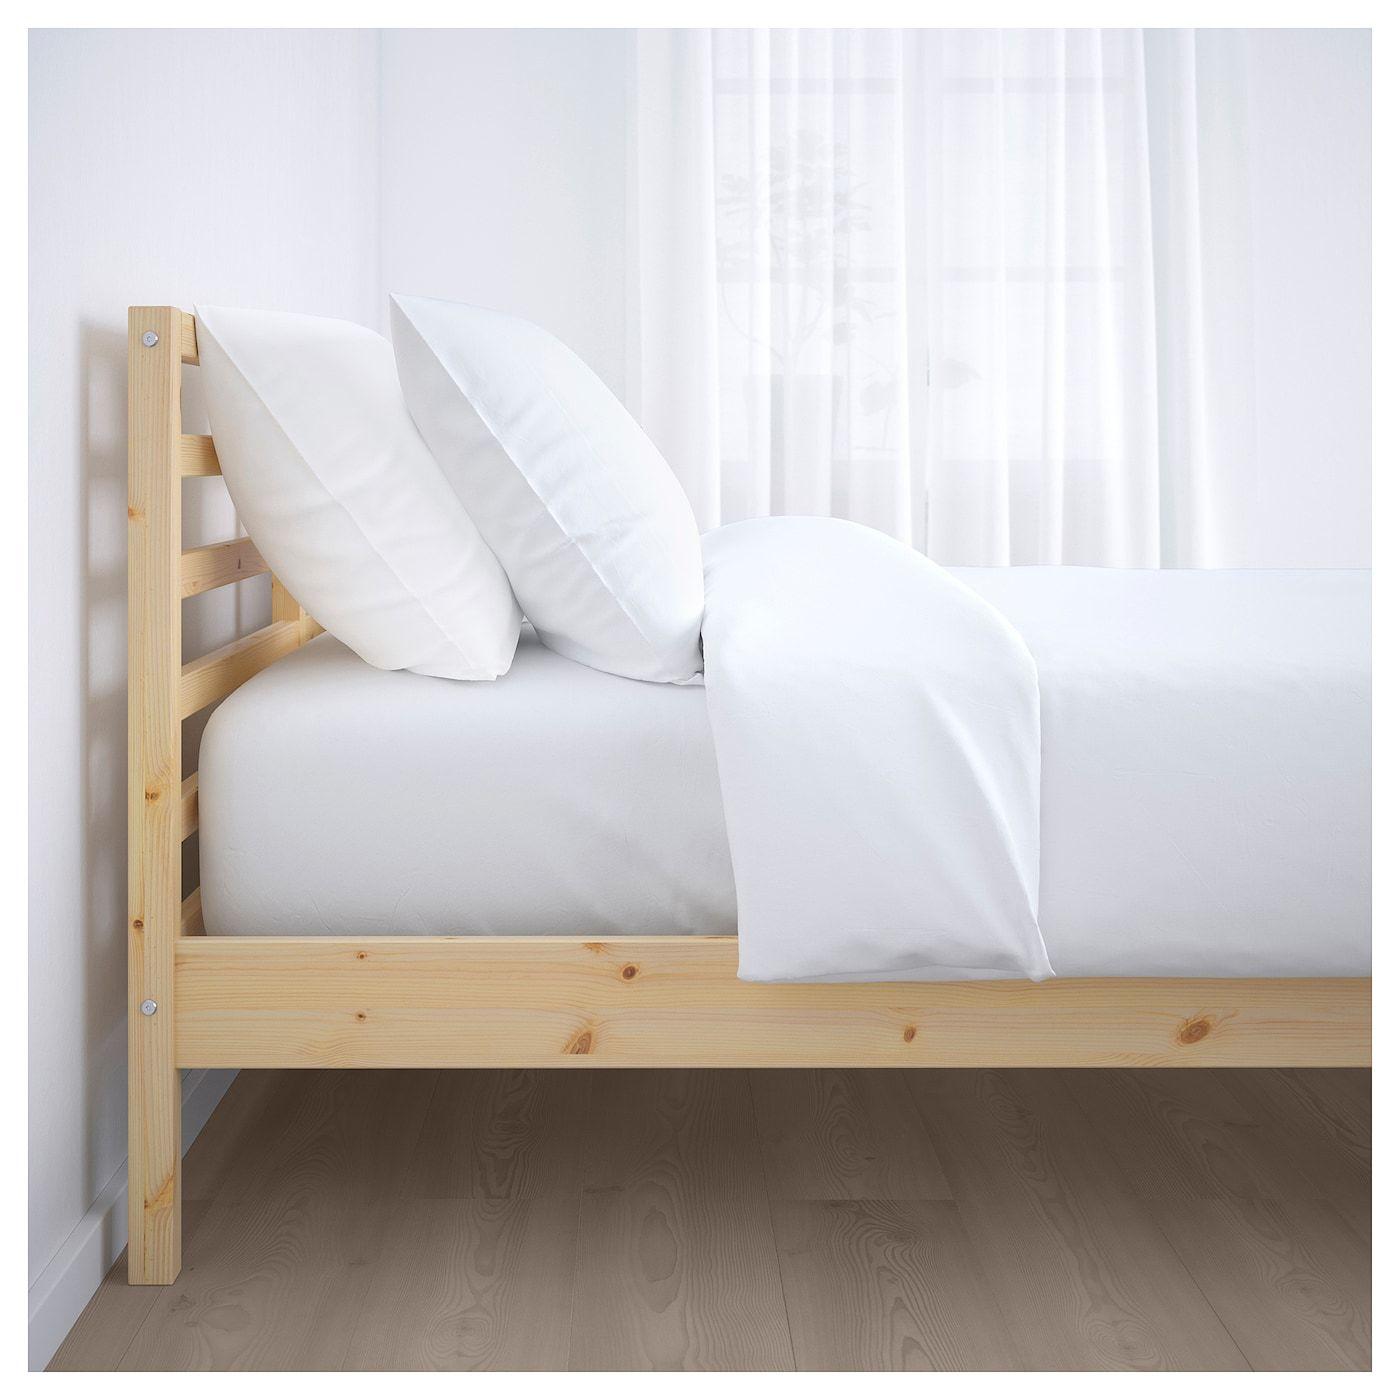 Tarva Bedframe Grenen Lonset 90x200 Cm Ikea Bed Frame Bed Slats King Size Bed Frame